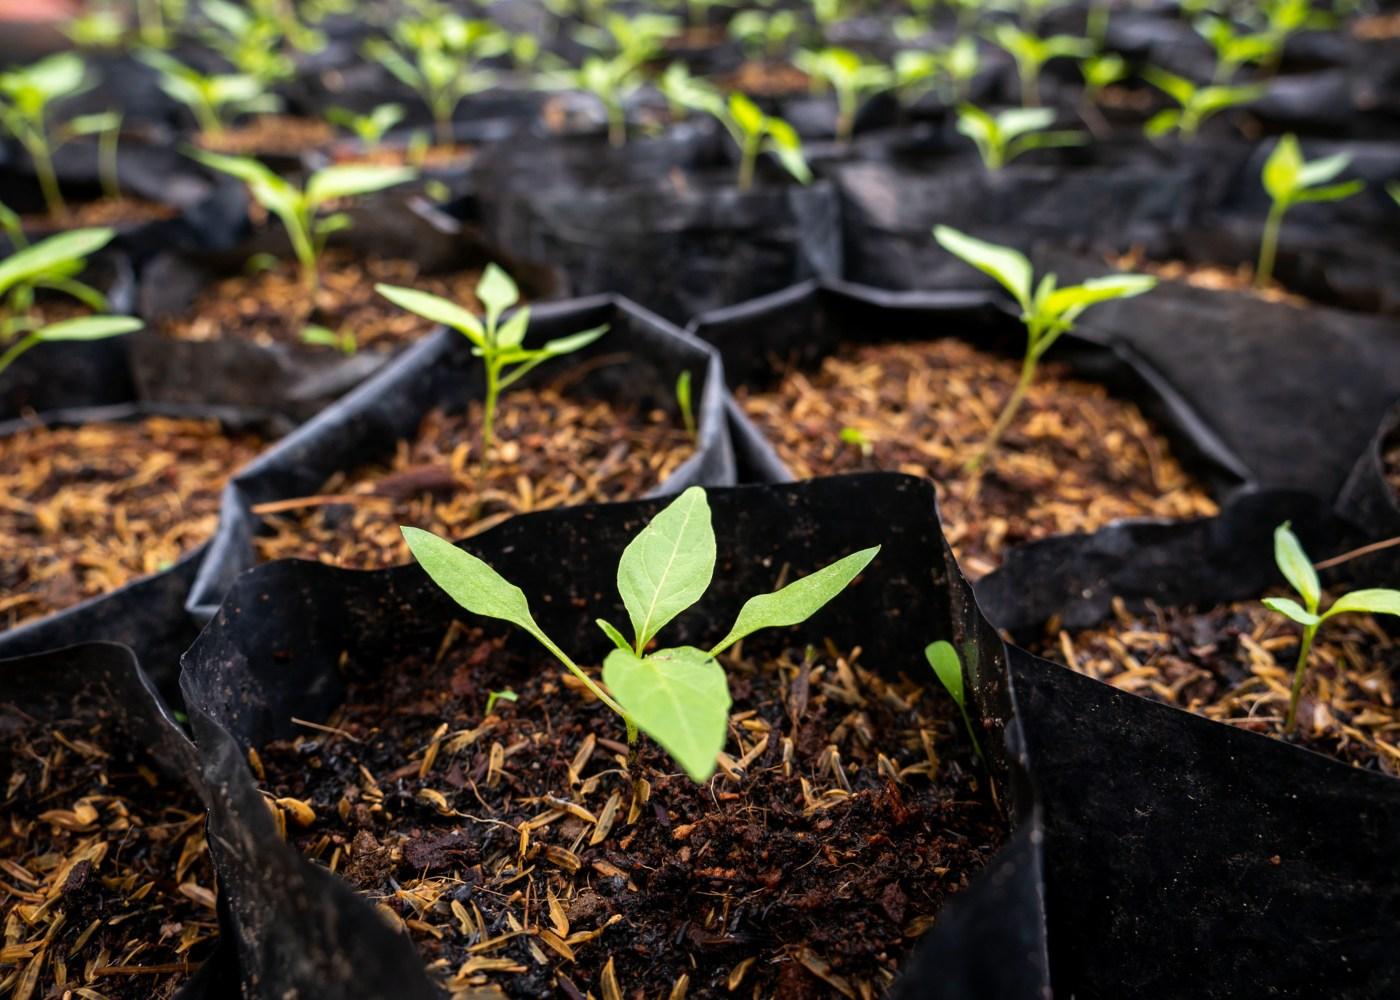 temperos plantados em terra